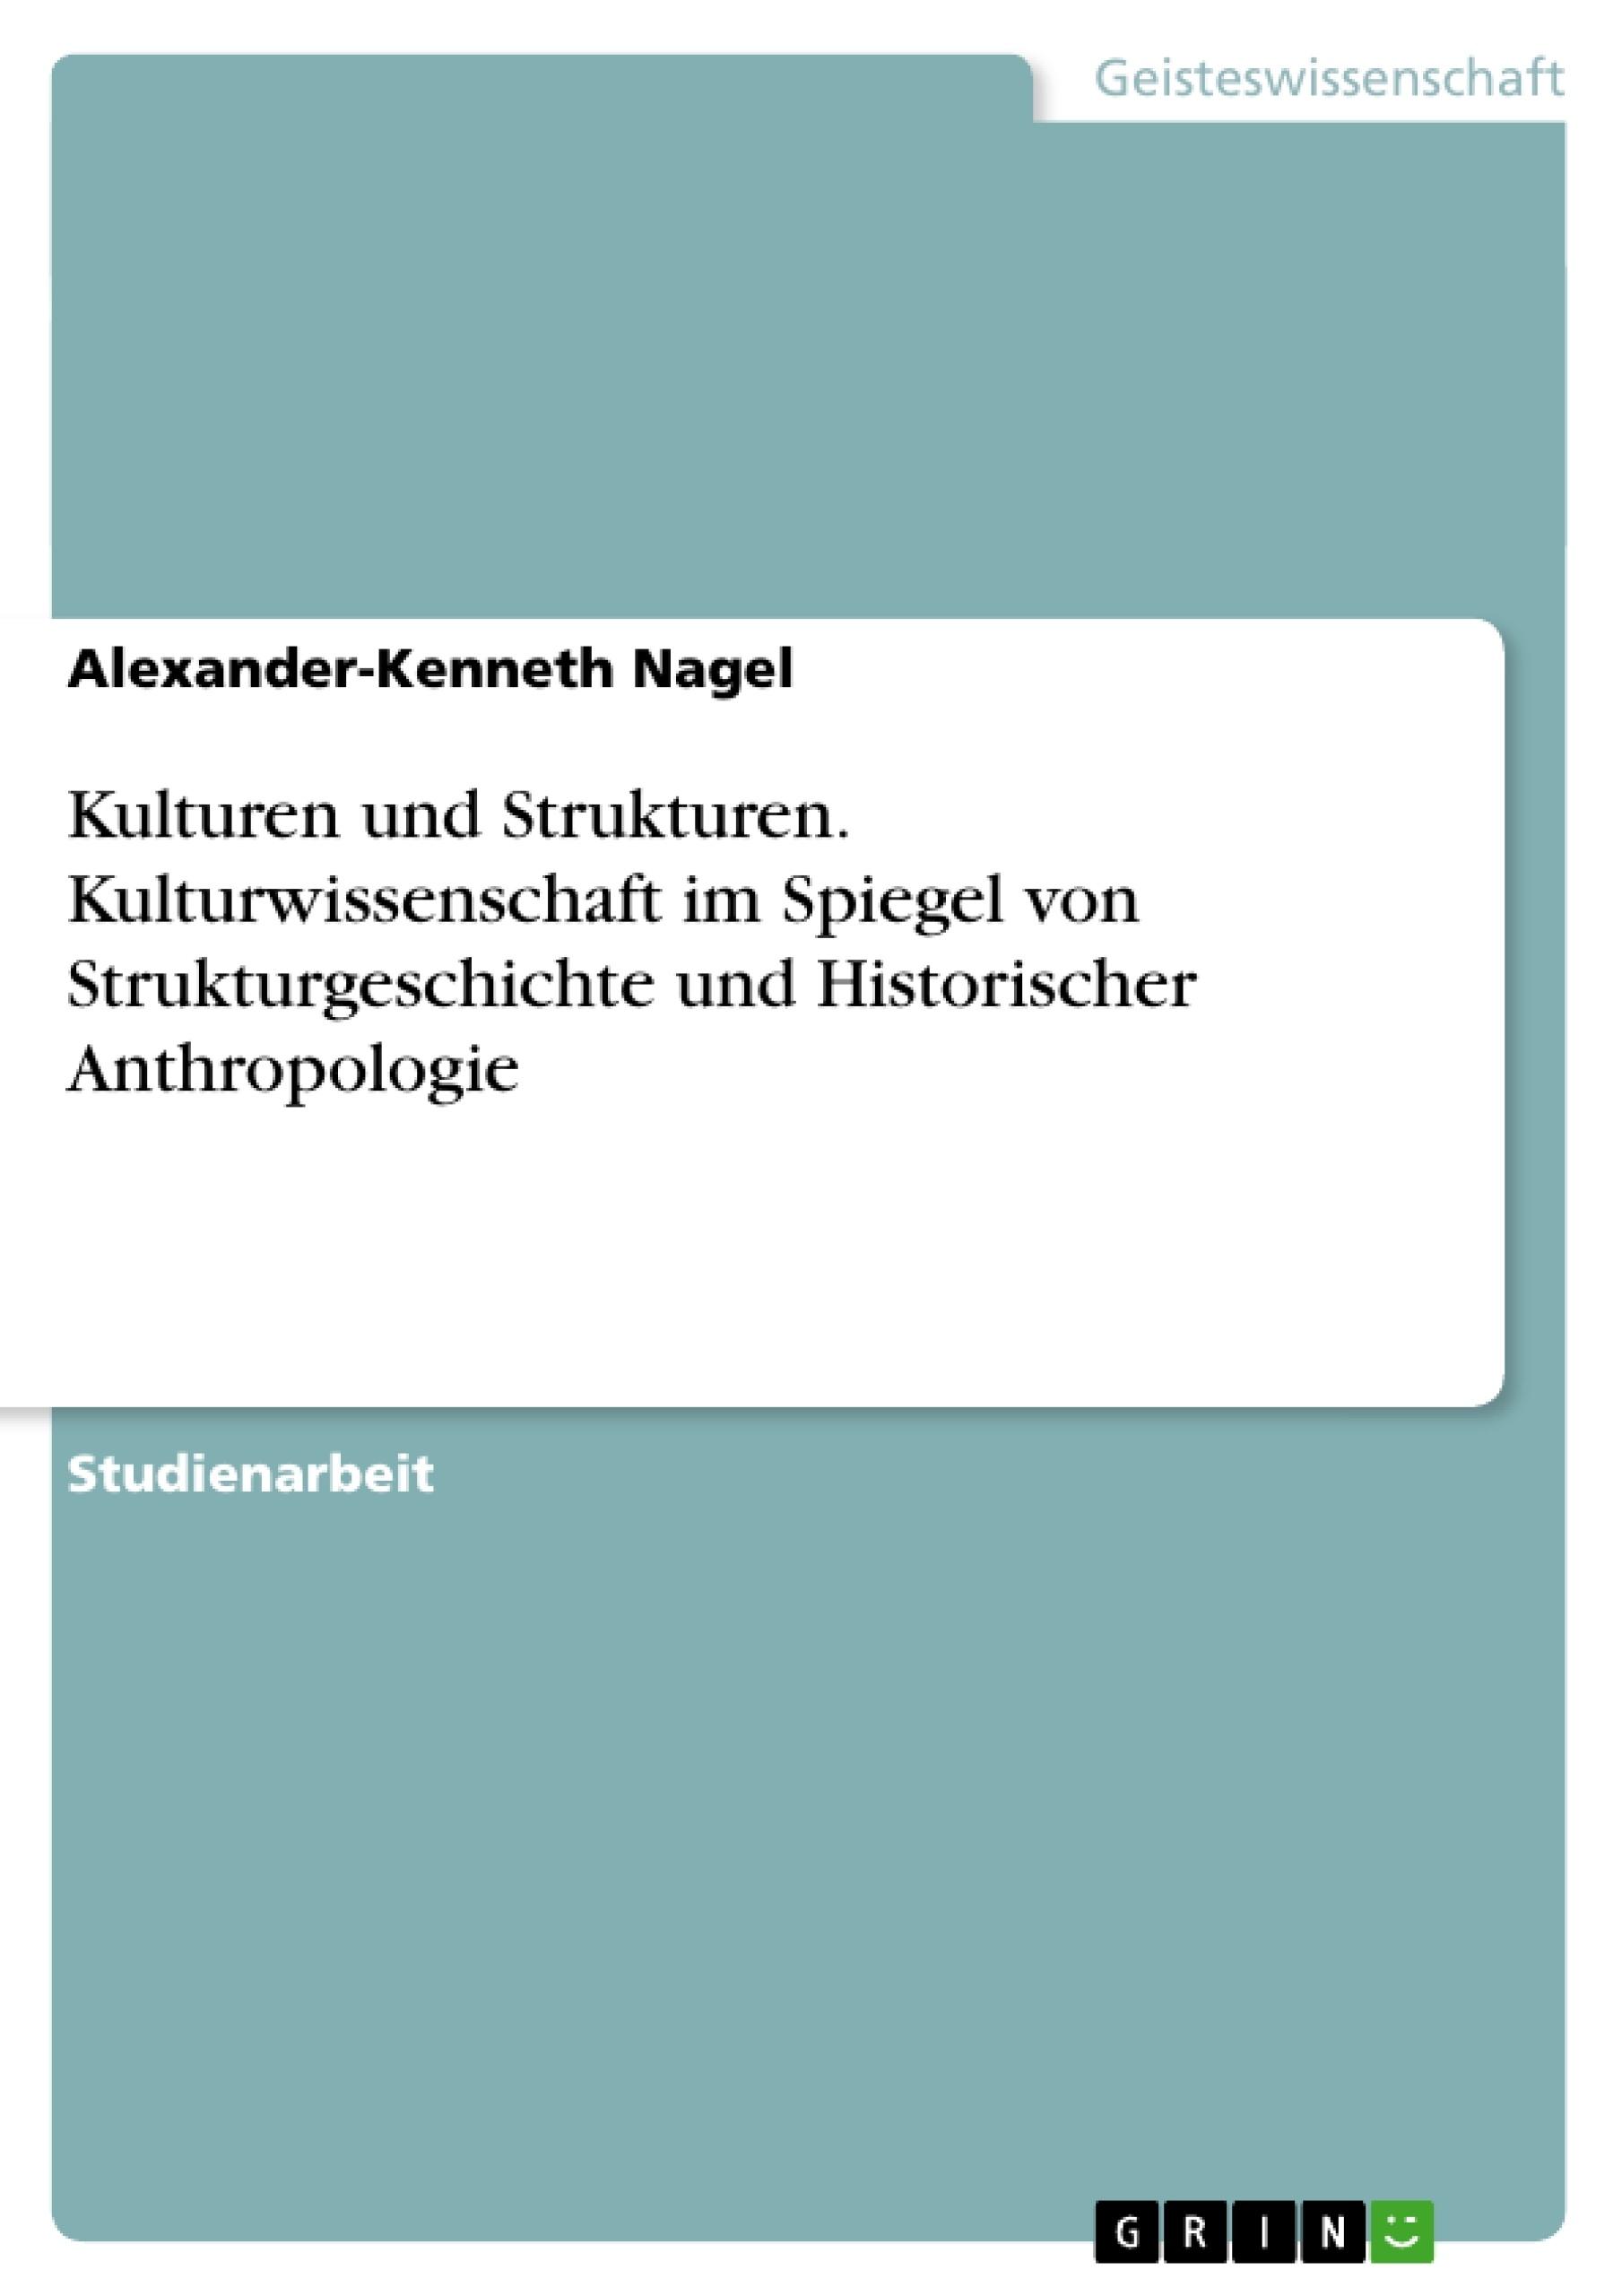 Titel: Kulturen und Strukturen. Kulturwissenschaft im Spiegel von Strukturgeschichte und Historischer Anthropologie